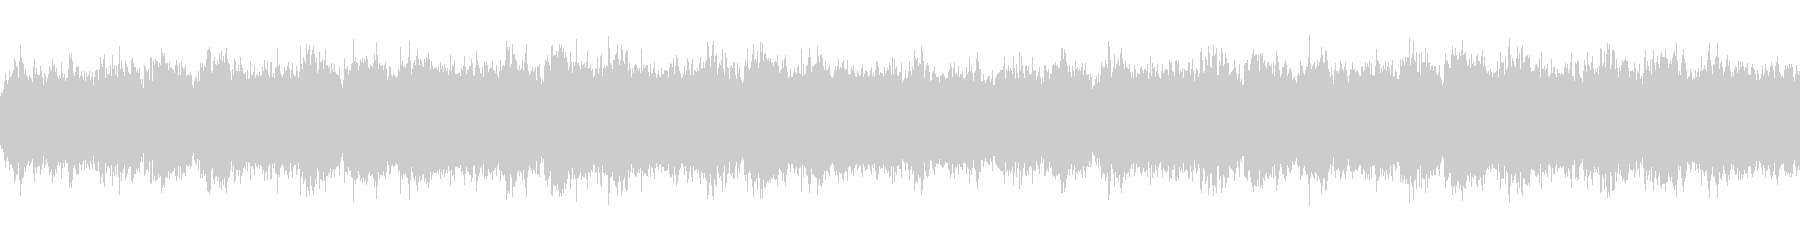 現代の交響曲 神経質 文字列グルー...の未再生の波形